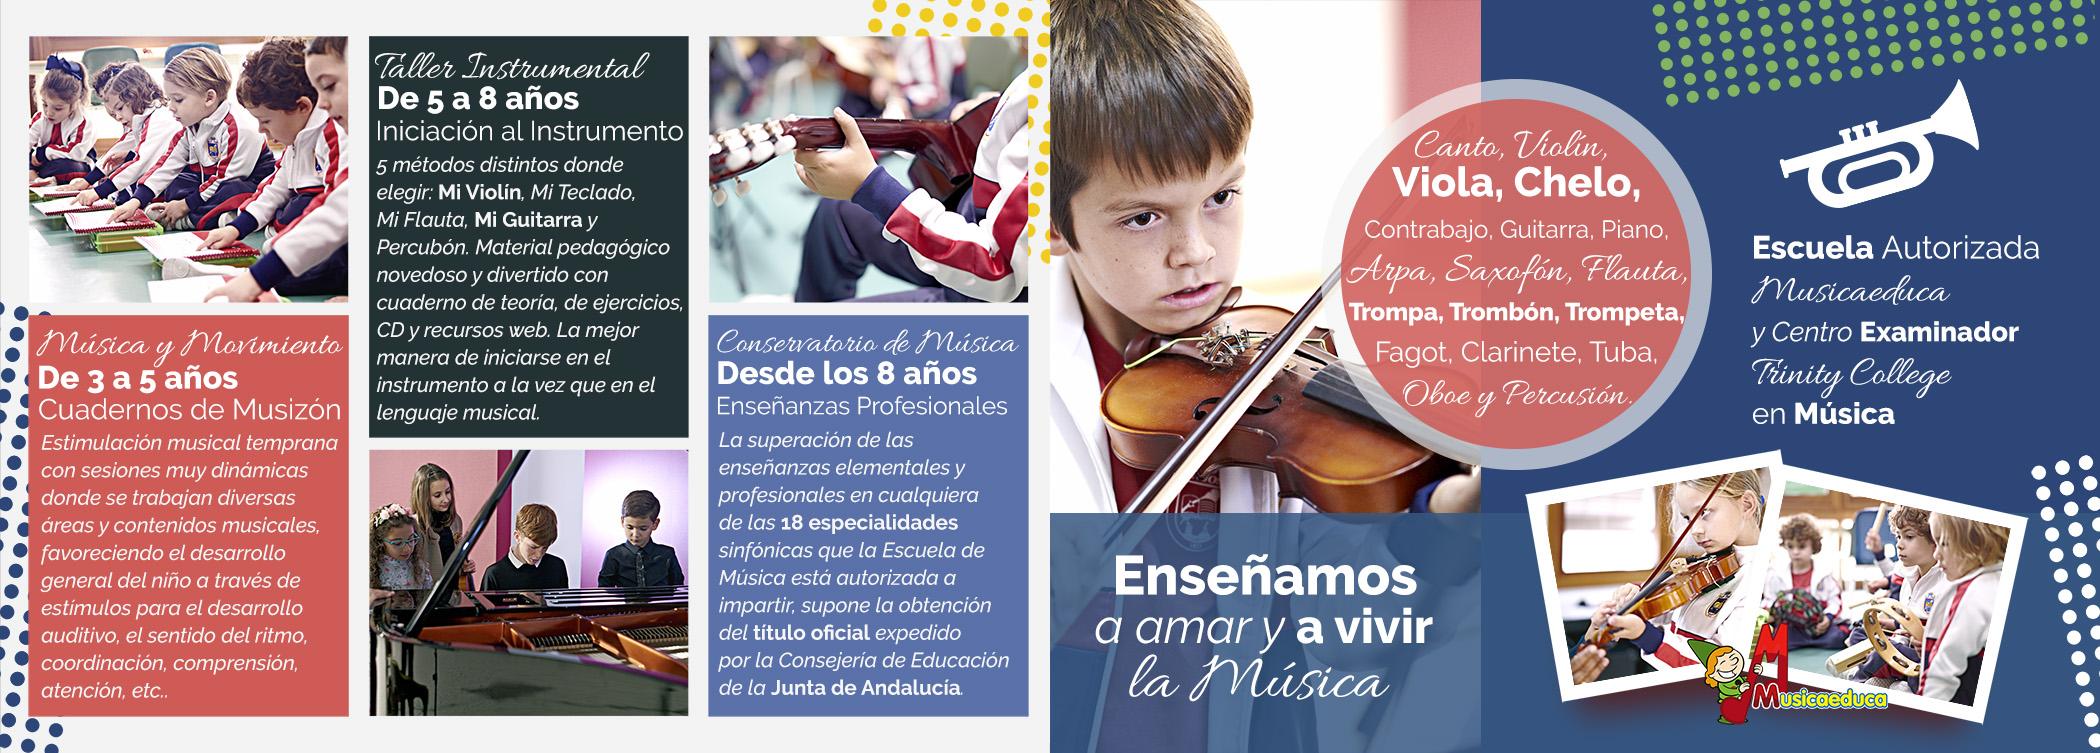 Nuevas enseñanzas Escuela de Música